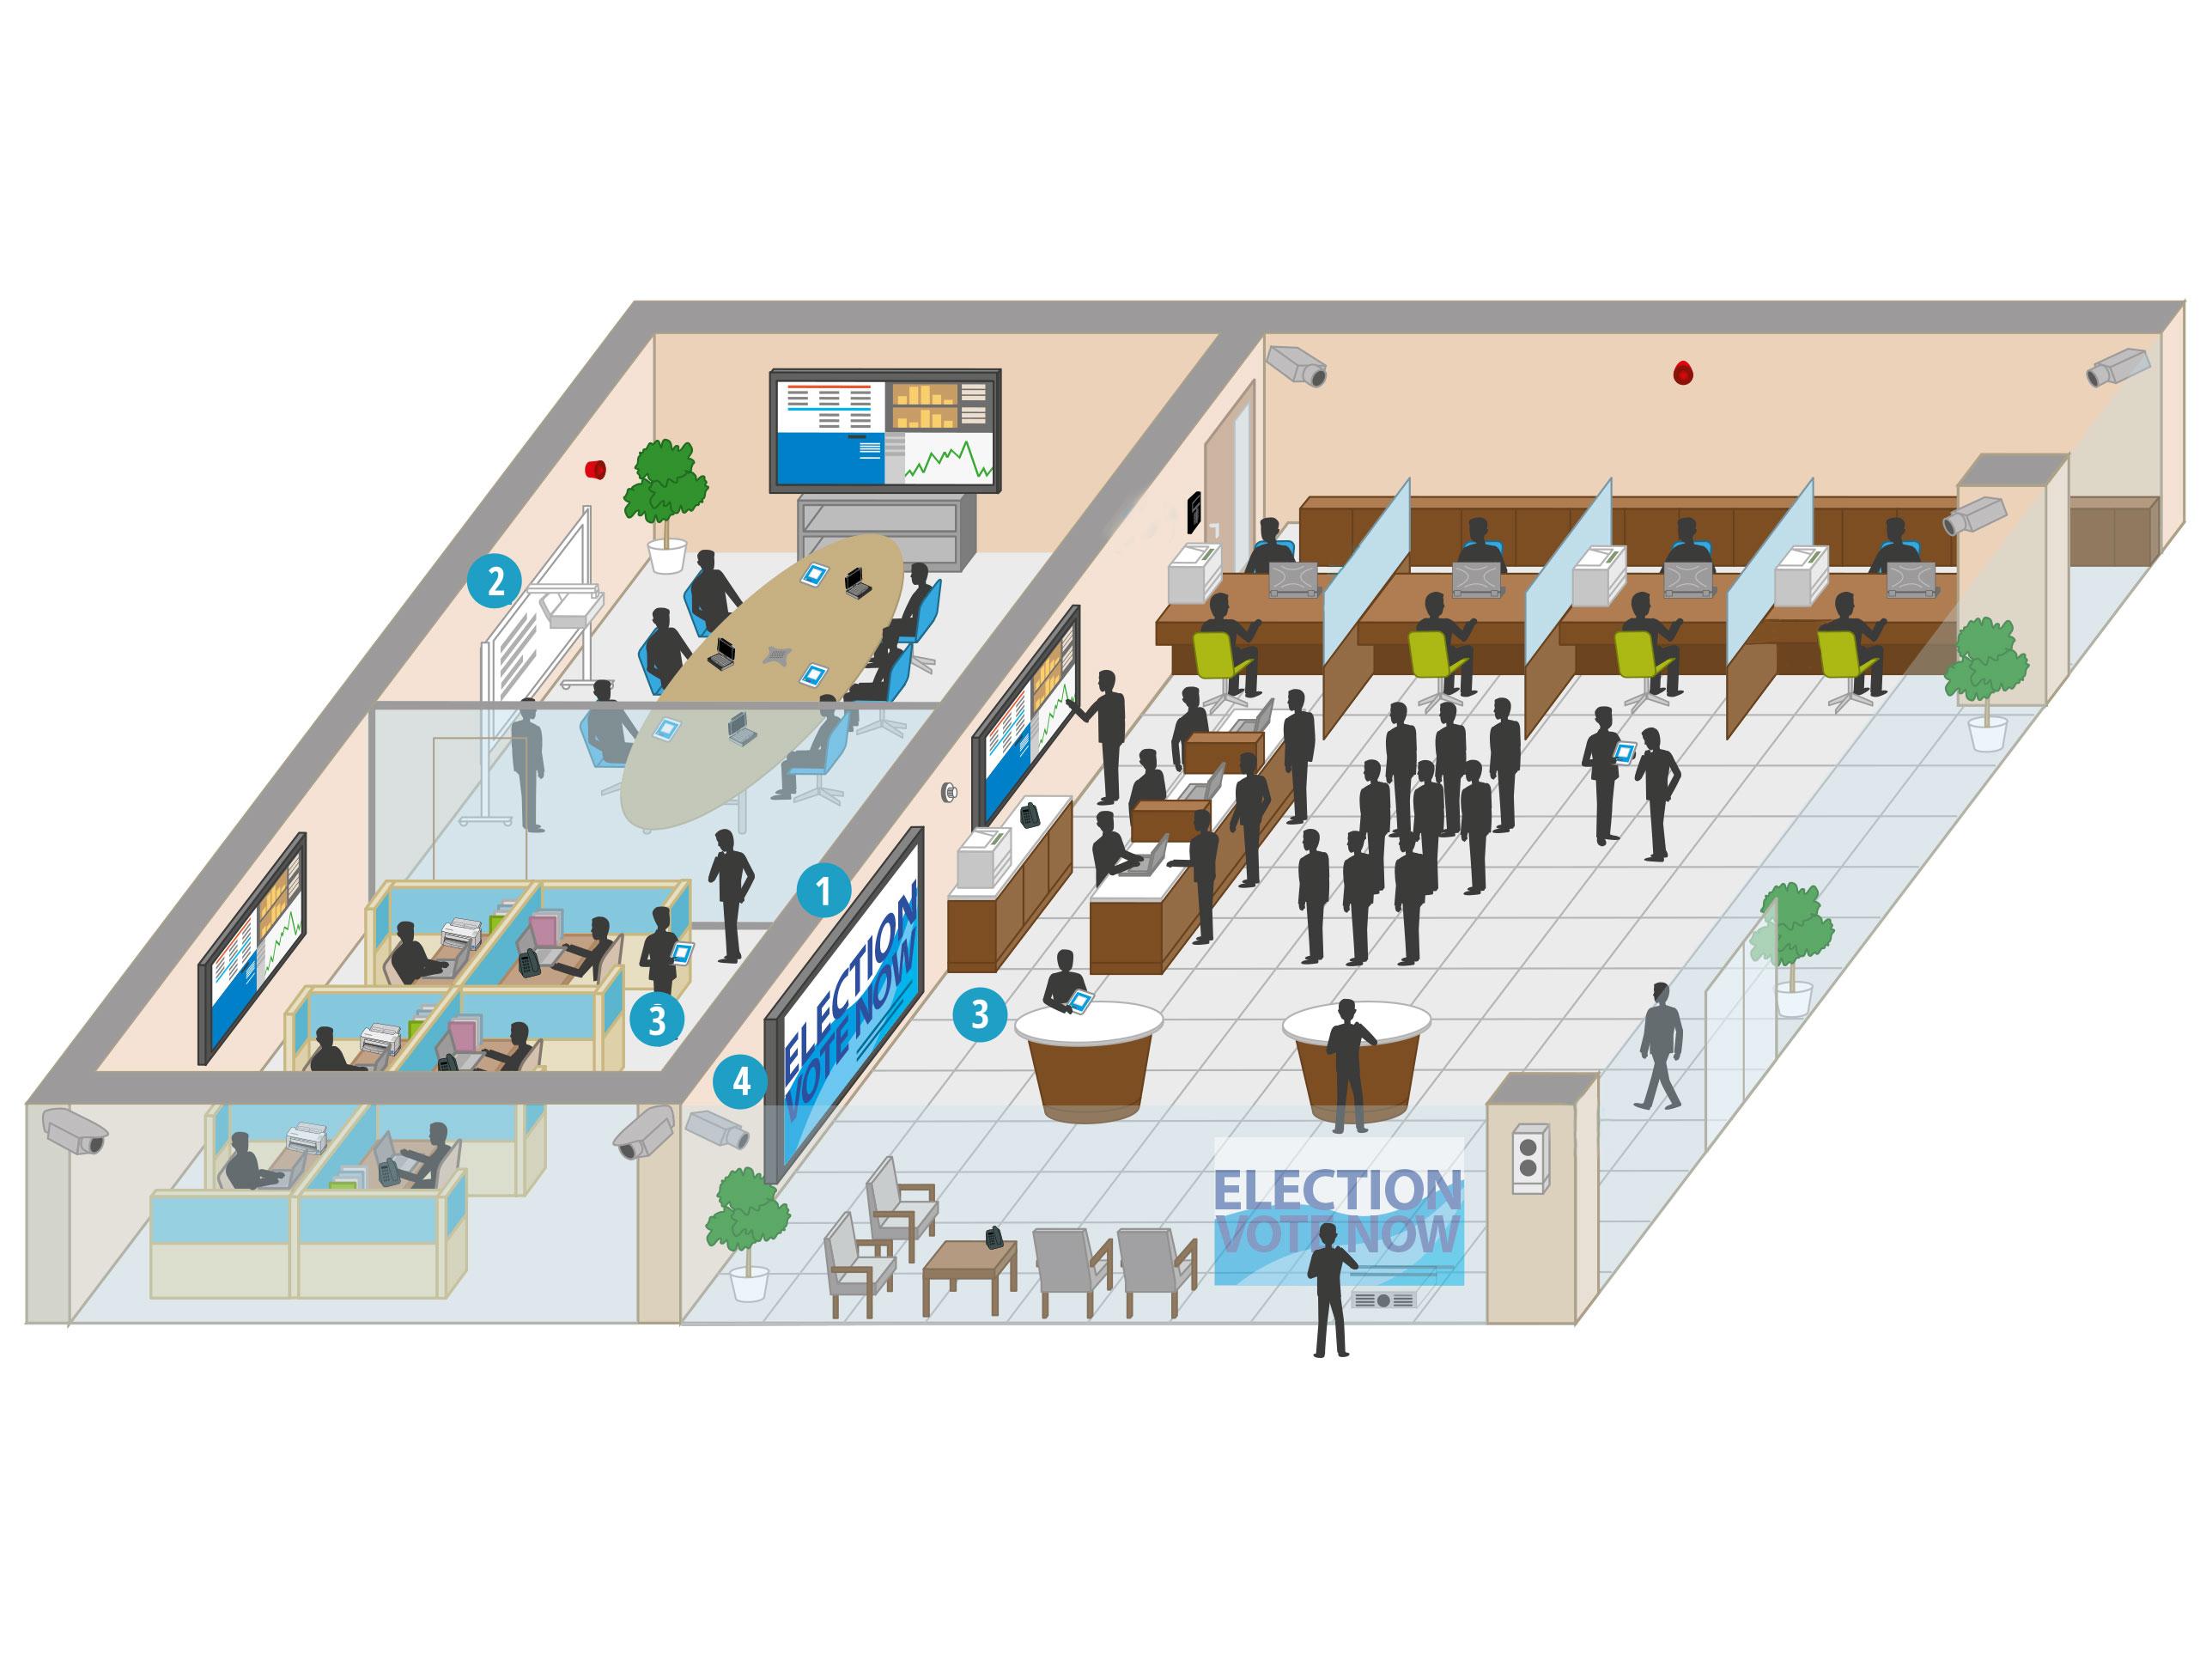 Comment les solutions de Panasonic aident-elles les administrations publiques?